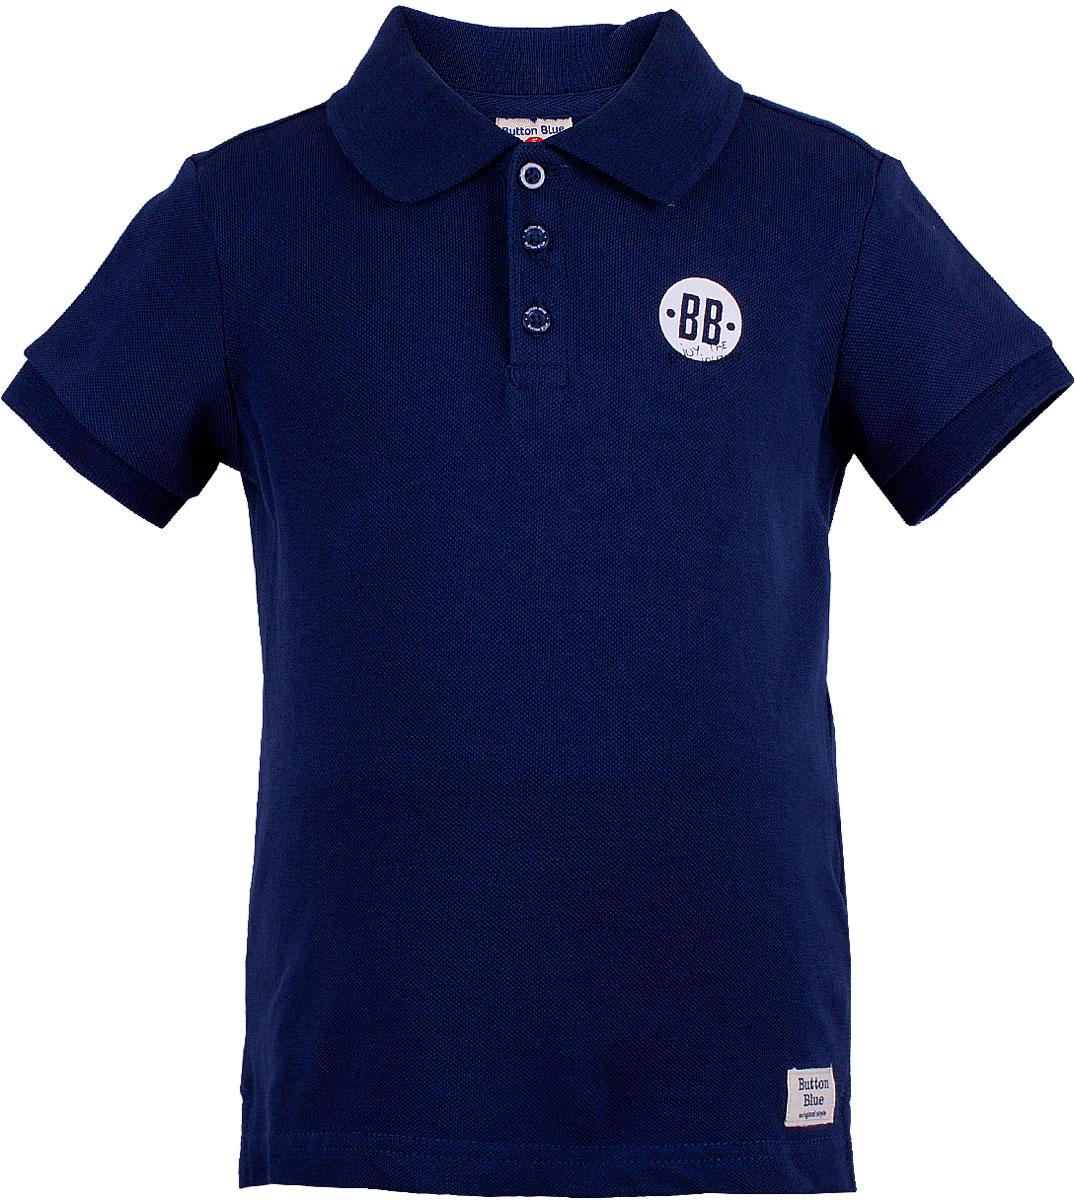 Поло для мальчика Button Blue, цвет: темно-синий. 118BBBC14011000. Размер 140118BBBC14011000Детское поло от Button Blue - отличная альтернатива футболке; недорогая и удобная одежда, которая помогает удачно расширить гардероб, позволяя не ходить каждый день в одном и том же. Модель с короткими рукавами и отложным воротником на груди застегивается на пуговицы. Купить поло для мальчика от Button Blue, значит обеспечить его стильной и модной моделью, которая добавит в его образ аристократичности. Поло прекрасно сочетается как с повседневной, так и со спортивной одеждой, а шрифтовая надпись на спине добавляет ему оригинальности.